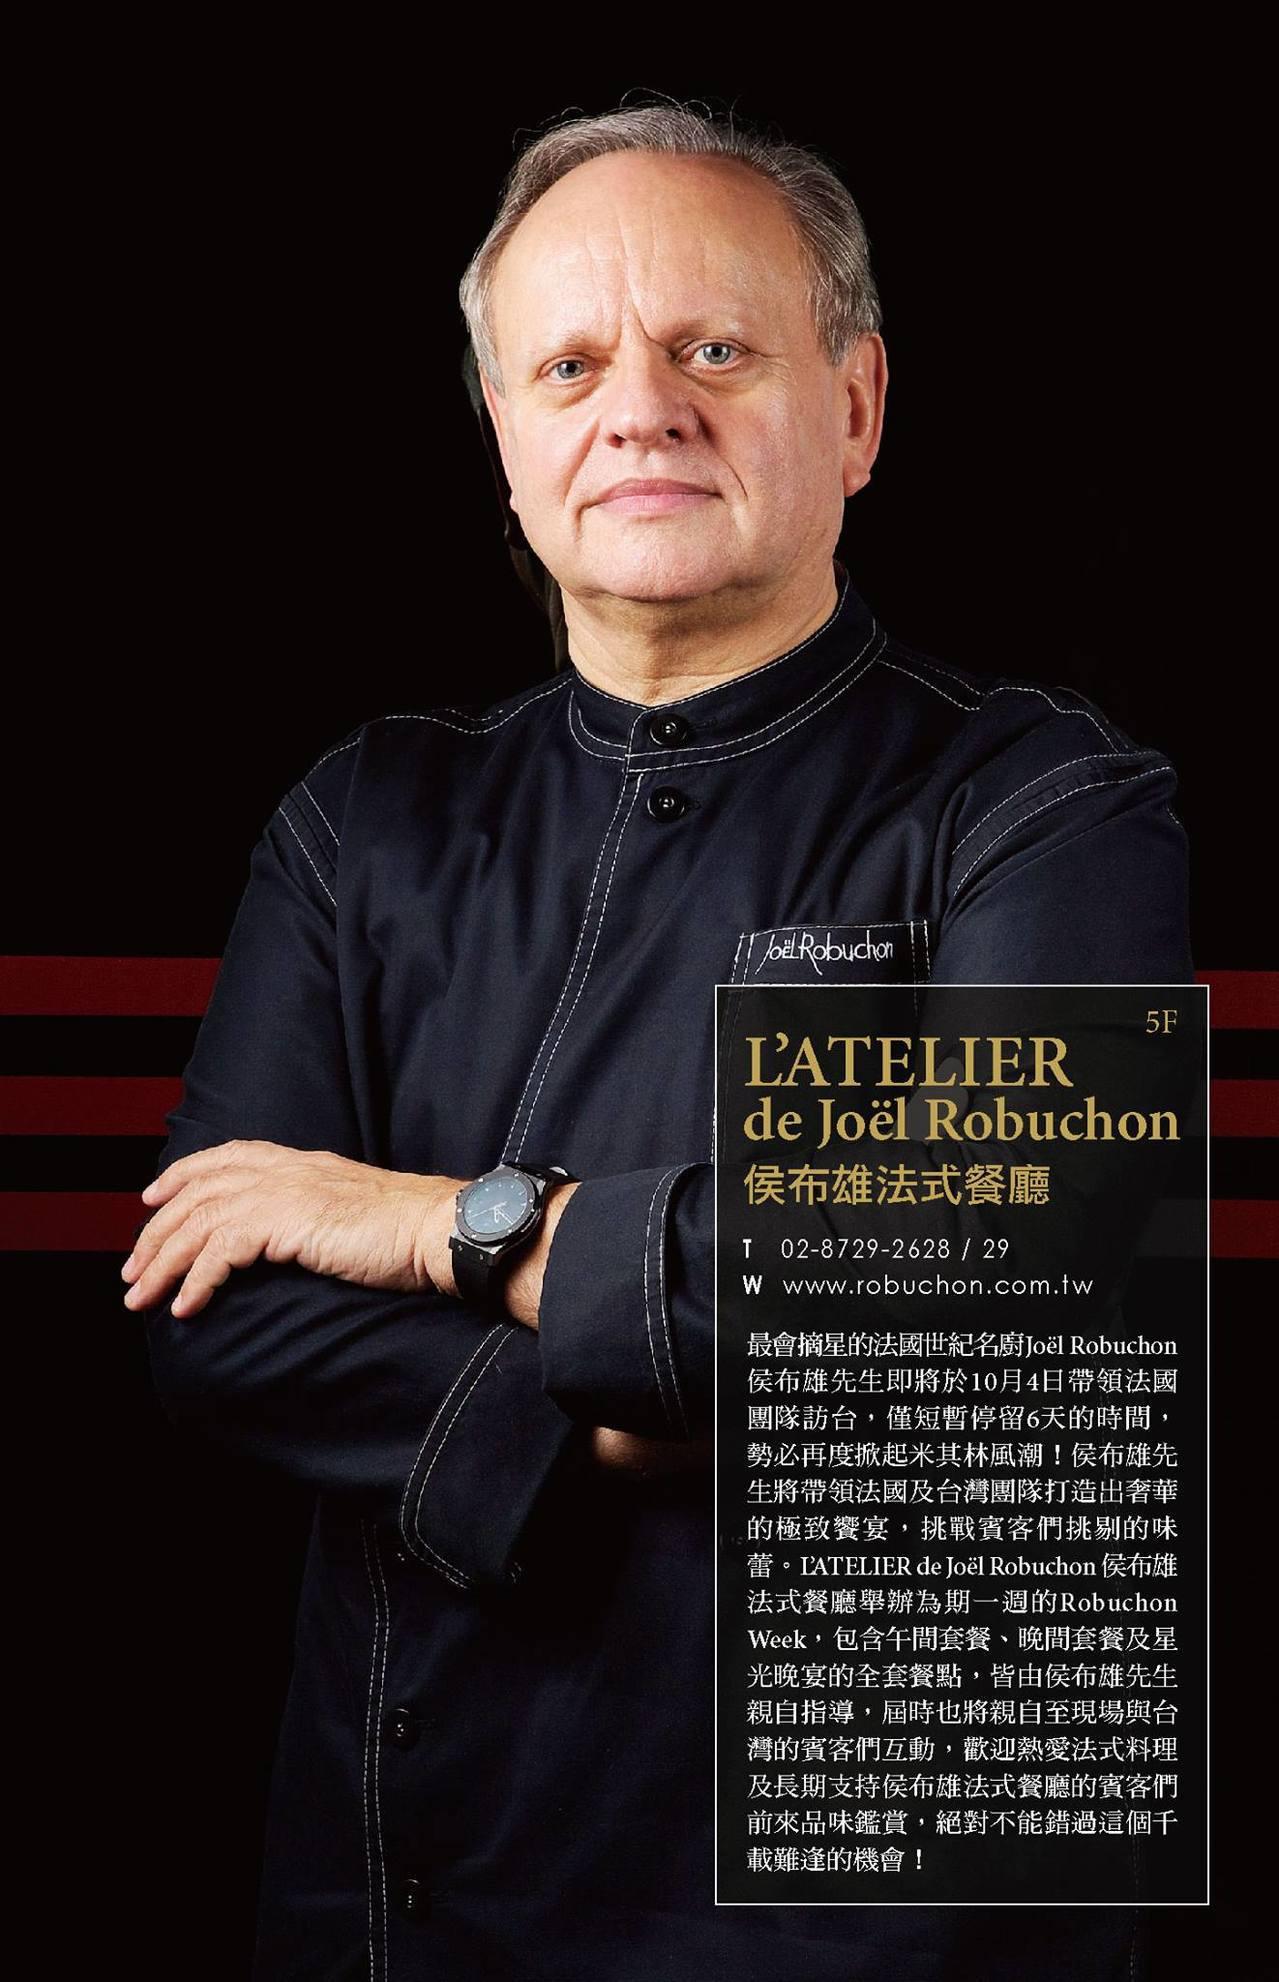 侯布雄過去也曾多次來台舉辦餐會。圖/摘自台北侯布雄餐廳粉絲專頁